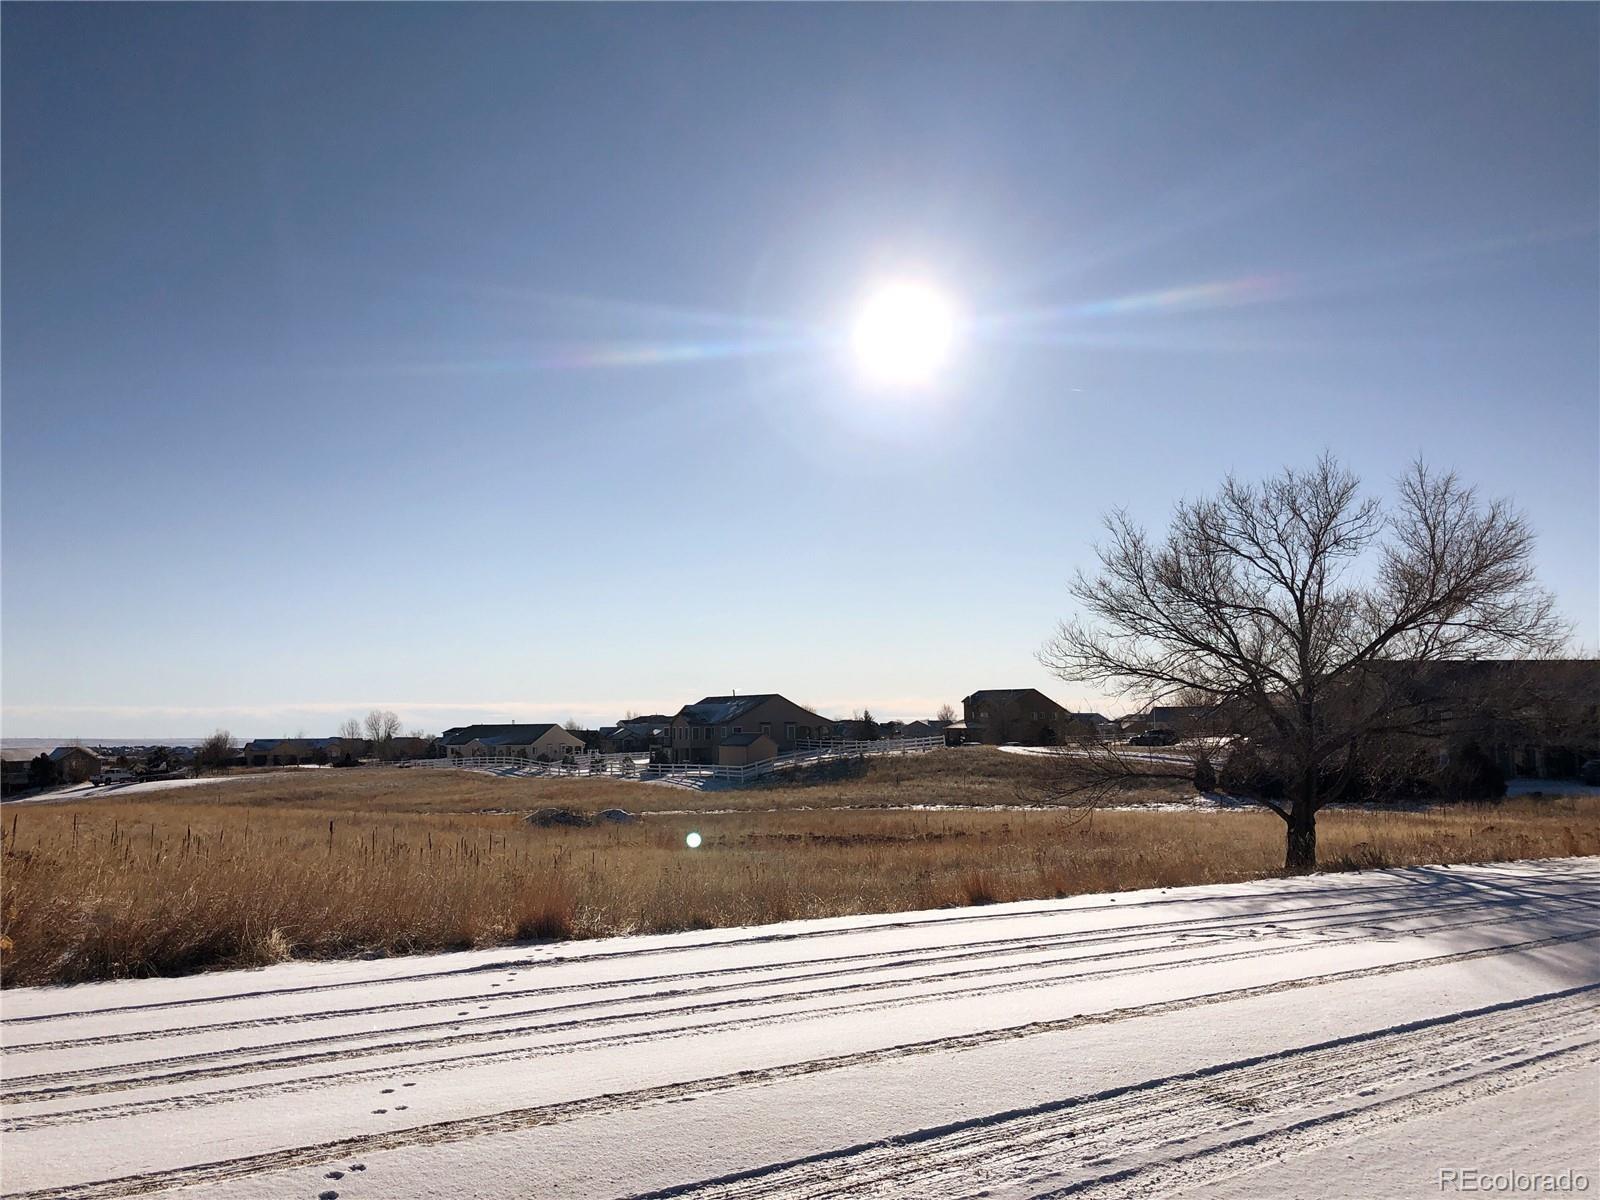 MLS# 6061500 - 4 - Snowbrush Drive, Peyton, CO 80831